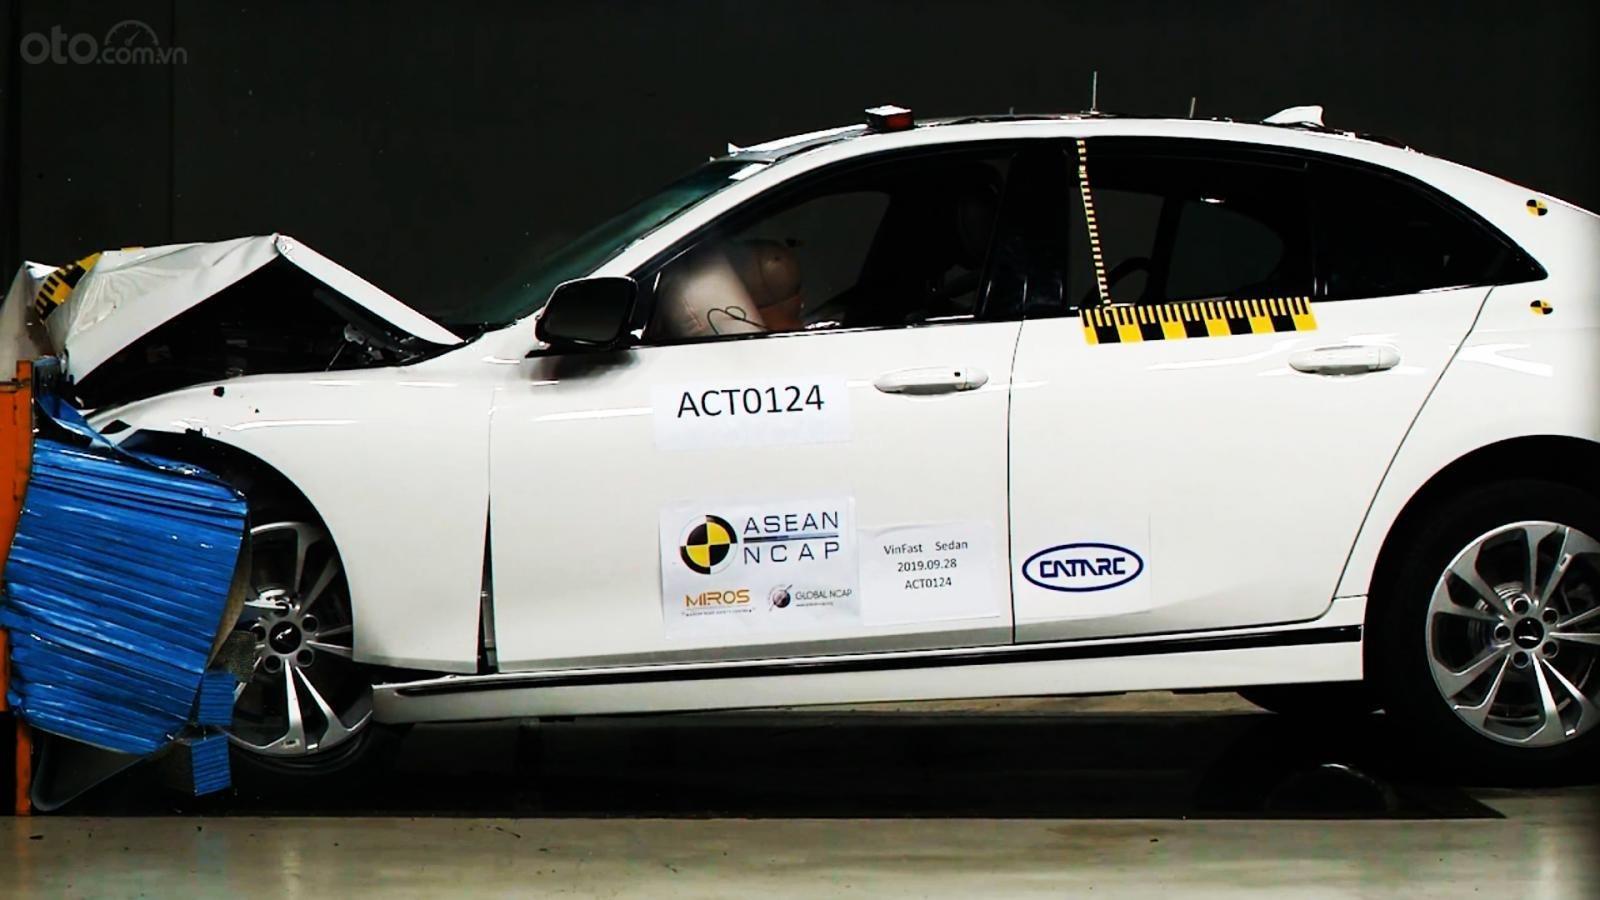 3 mẫu xe của VinFast được thử nghiệm tại trung tâm ASEAN NCAP 1.